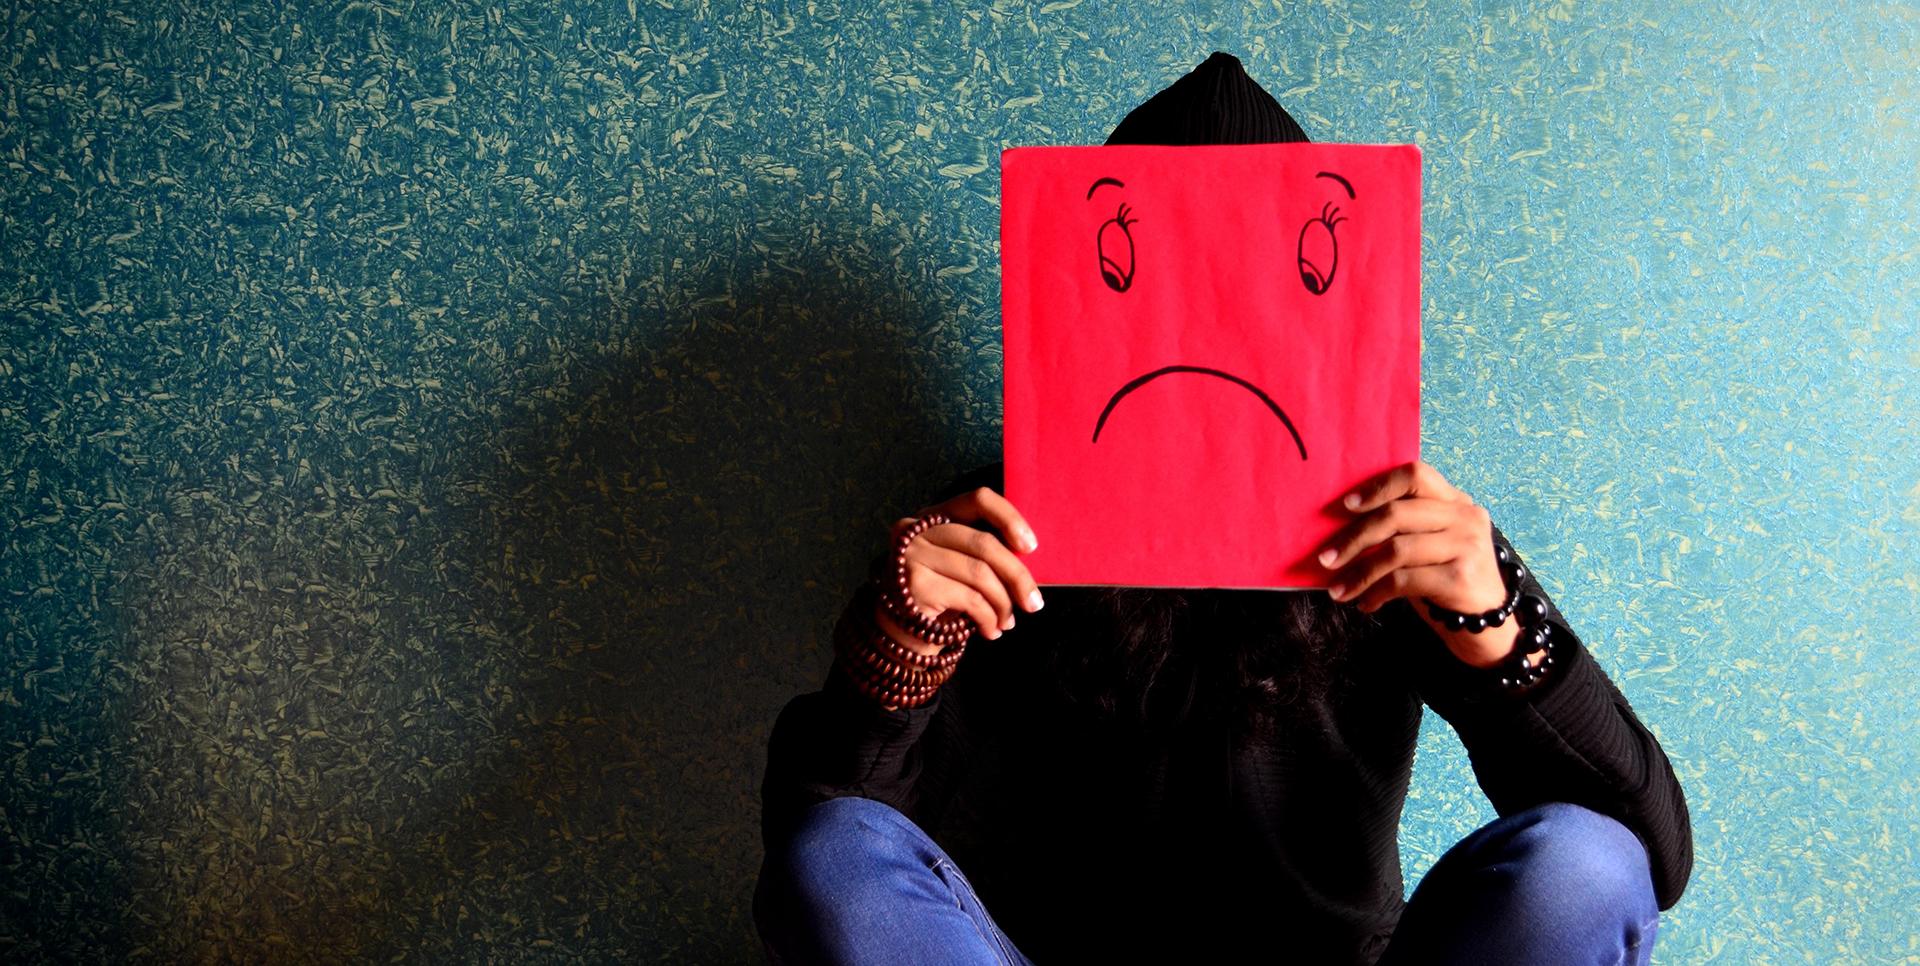 TRatamiento psicologico para la depresion en consulta valladolid